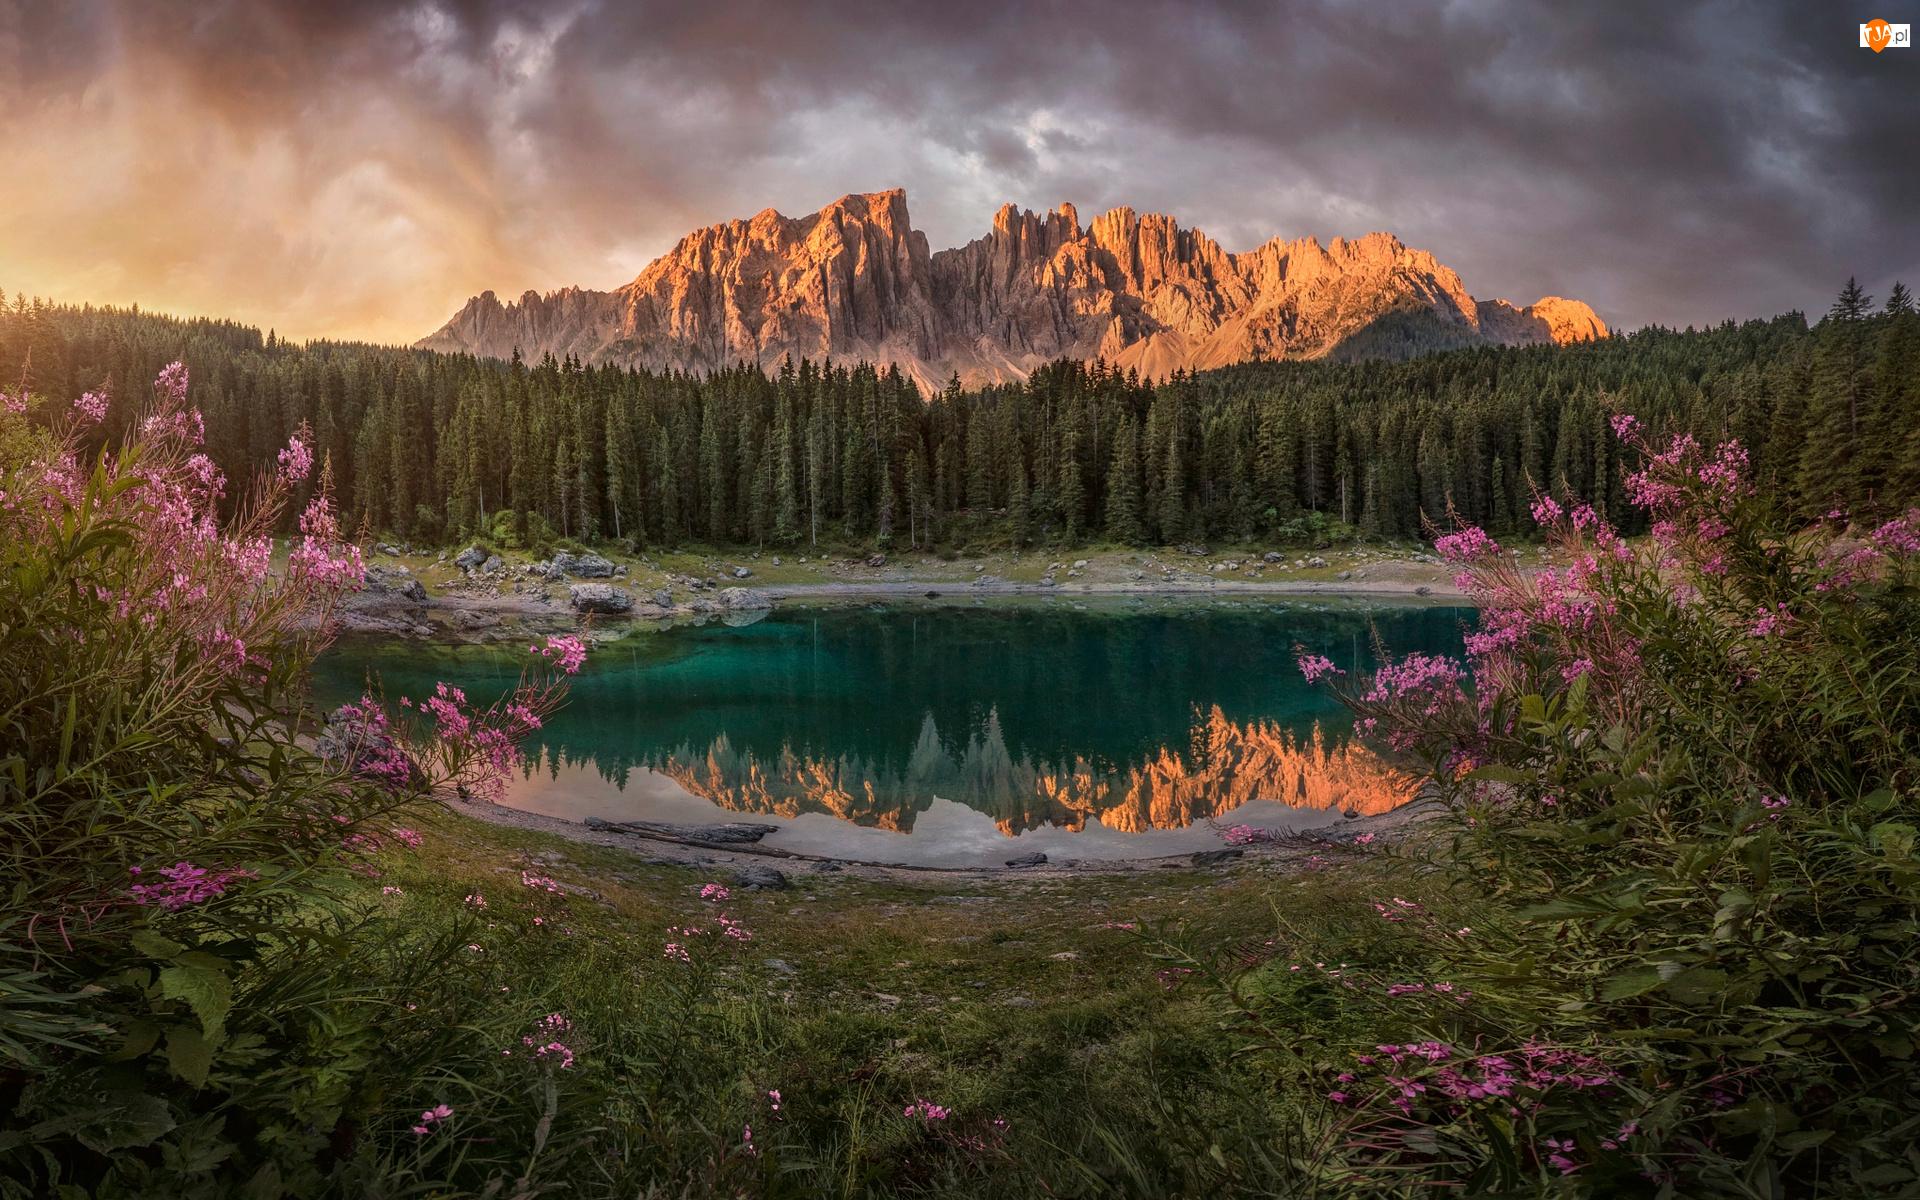 Lago di Carezza, Góry, Włochy, Jezioro, Południowy Tyrol, Dolomity, Alpy